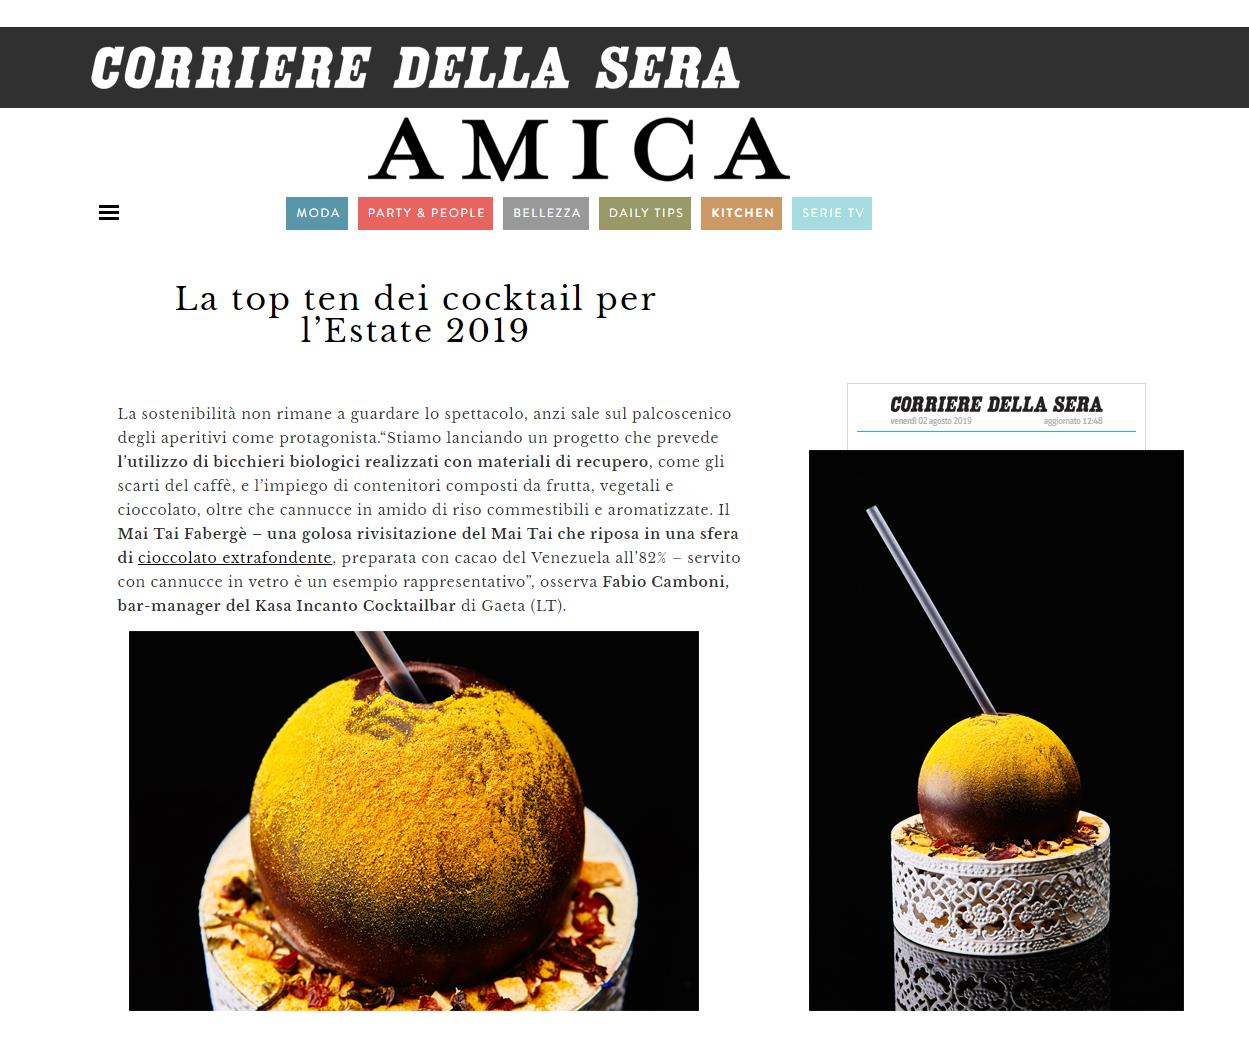 Il_ Corriere_della_sera_Amica_Fabio_camboni_cocktail